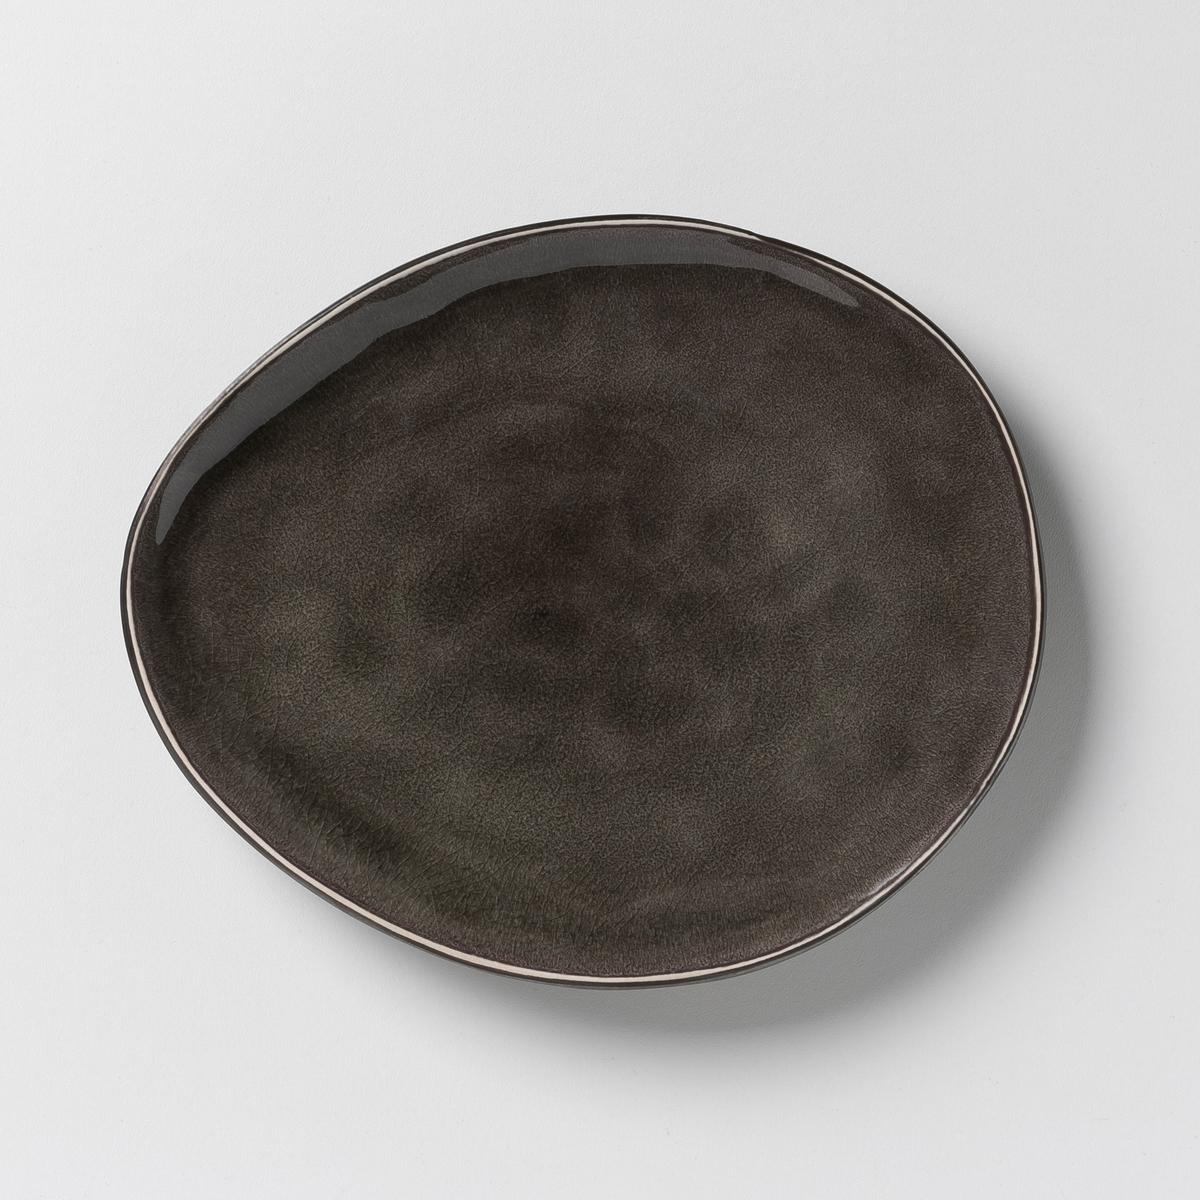 Комплект из 2 десертных тарелок Pure, дизайн П. Нессенс, Serax2 десертные тарелки Pure, дизайн Паскаля Нессенса для Serax.     Готовка восхитительных блюд в красивой керамической посуде придает романтизма и способствует хорошему настроению. Паскаль Нессенс создал Pure, свою первую коллекцию столовых сервизов. Чистое воплощение аутентичности и теплоты, рожденные из органических форм и натуральных материалов. Характеристики :- Из керамики, покрытой глазурью, с эффектом раку. - Можно использовать в микроволновой печи и мыть в посудомоечной машине.    - Десертная тарелка, миска и чашка того же набора представлены на нашем сайте.      Размеры : - Ш.20 x В.2,5 x Г.17 см, овальная форма.<br><br>Цвет: серый